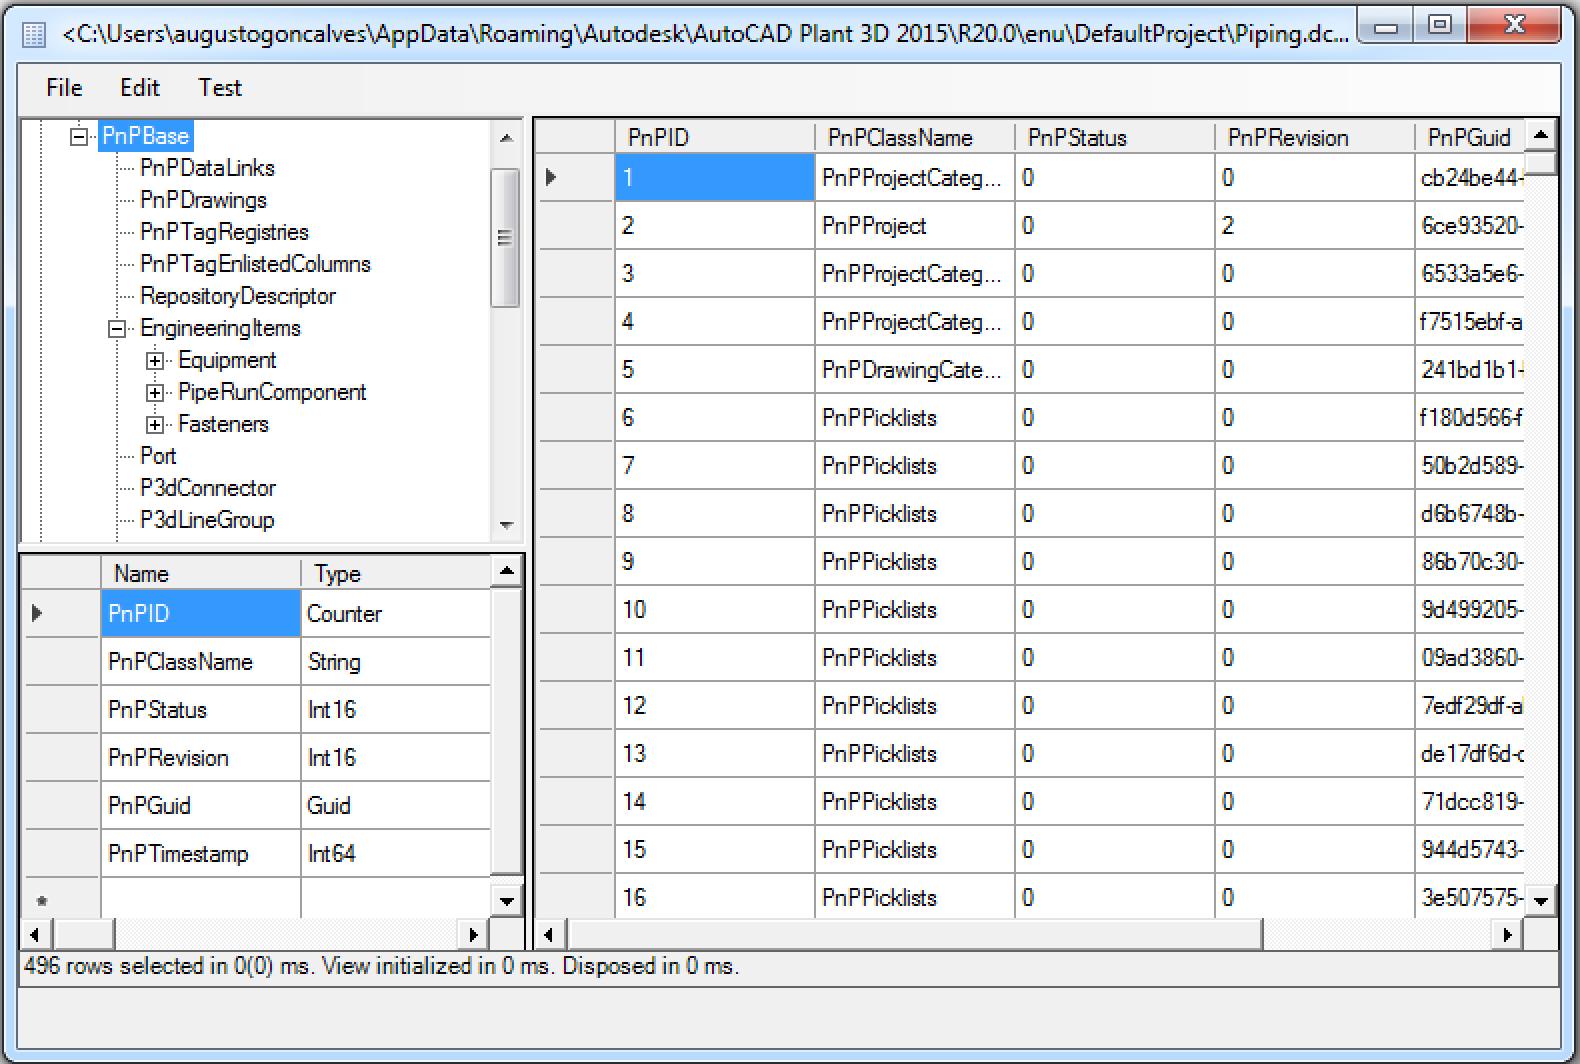 Snoop Plant 3D database with PnPTest - AutoCAD DevBlog